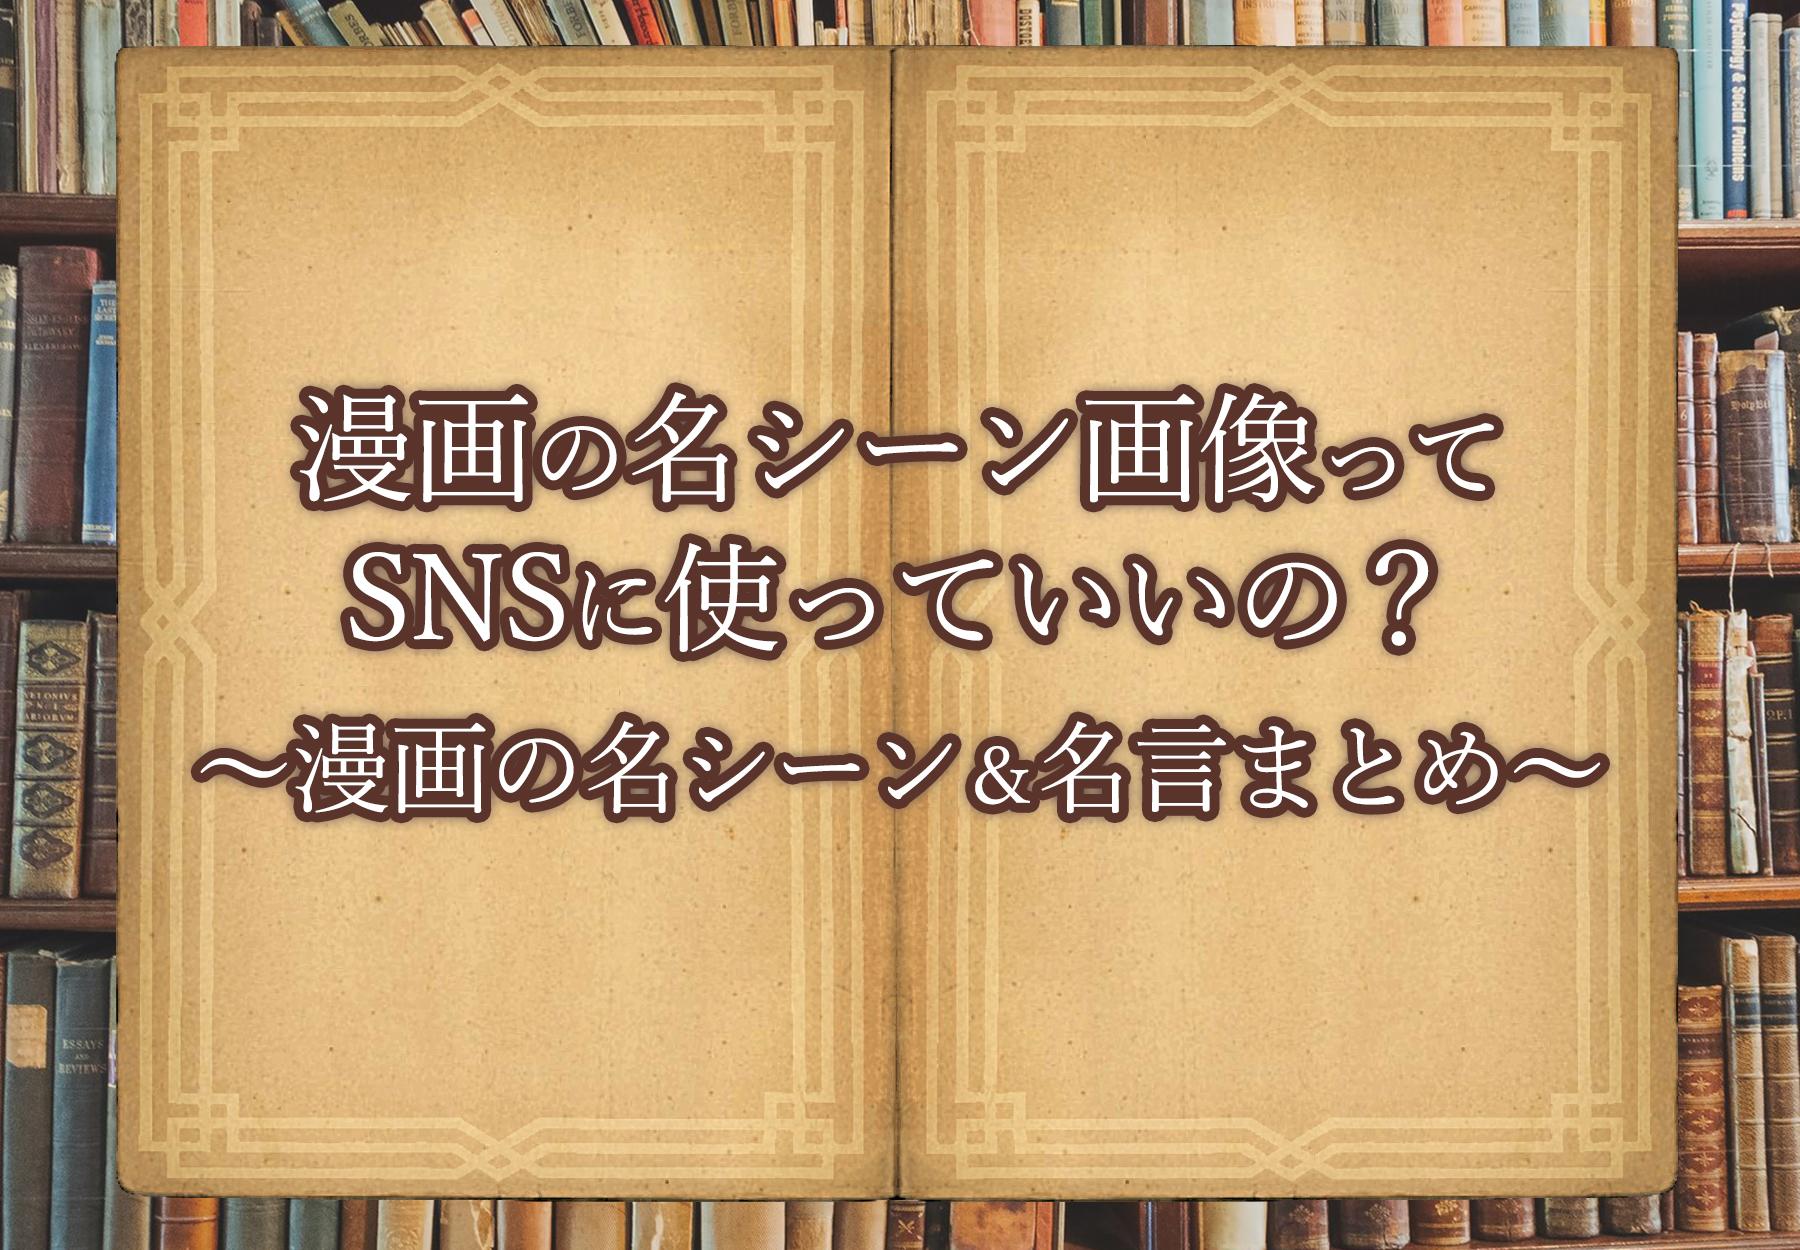 漫画の名シーン画像ってSNSに使っていいの?漫画の名シーン&名言まとめ